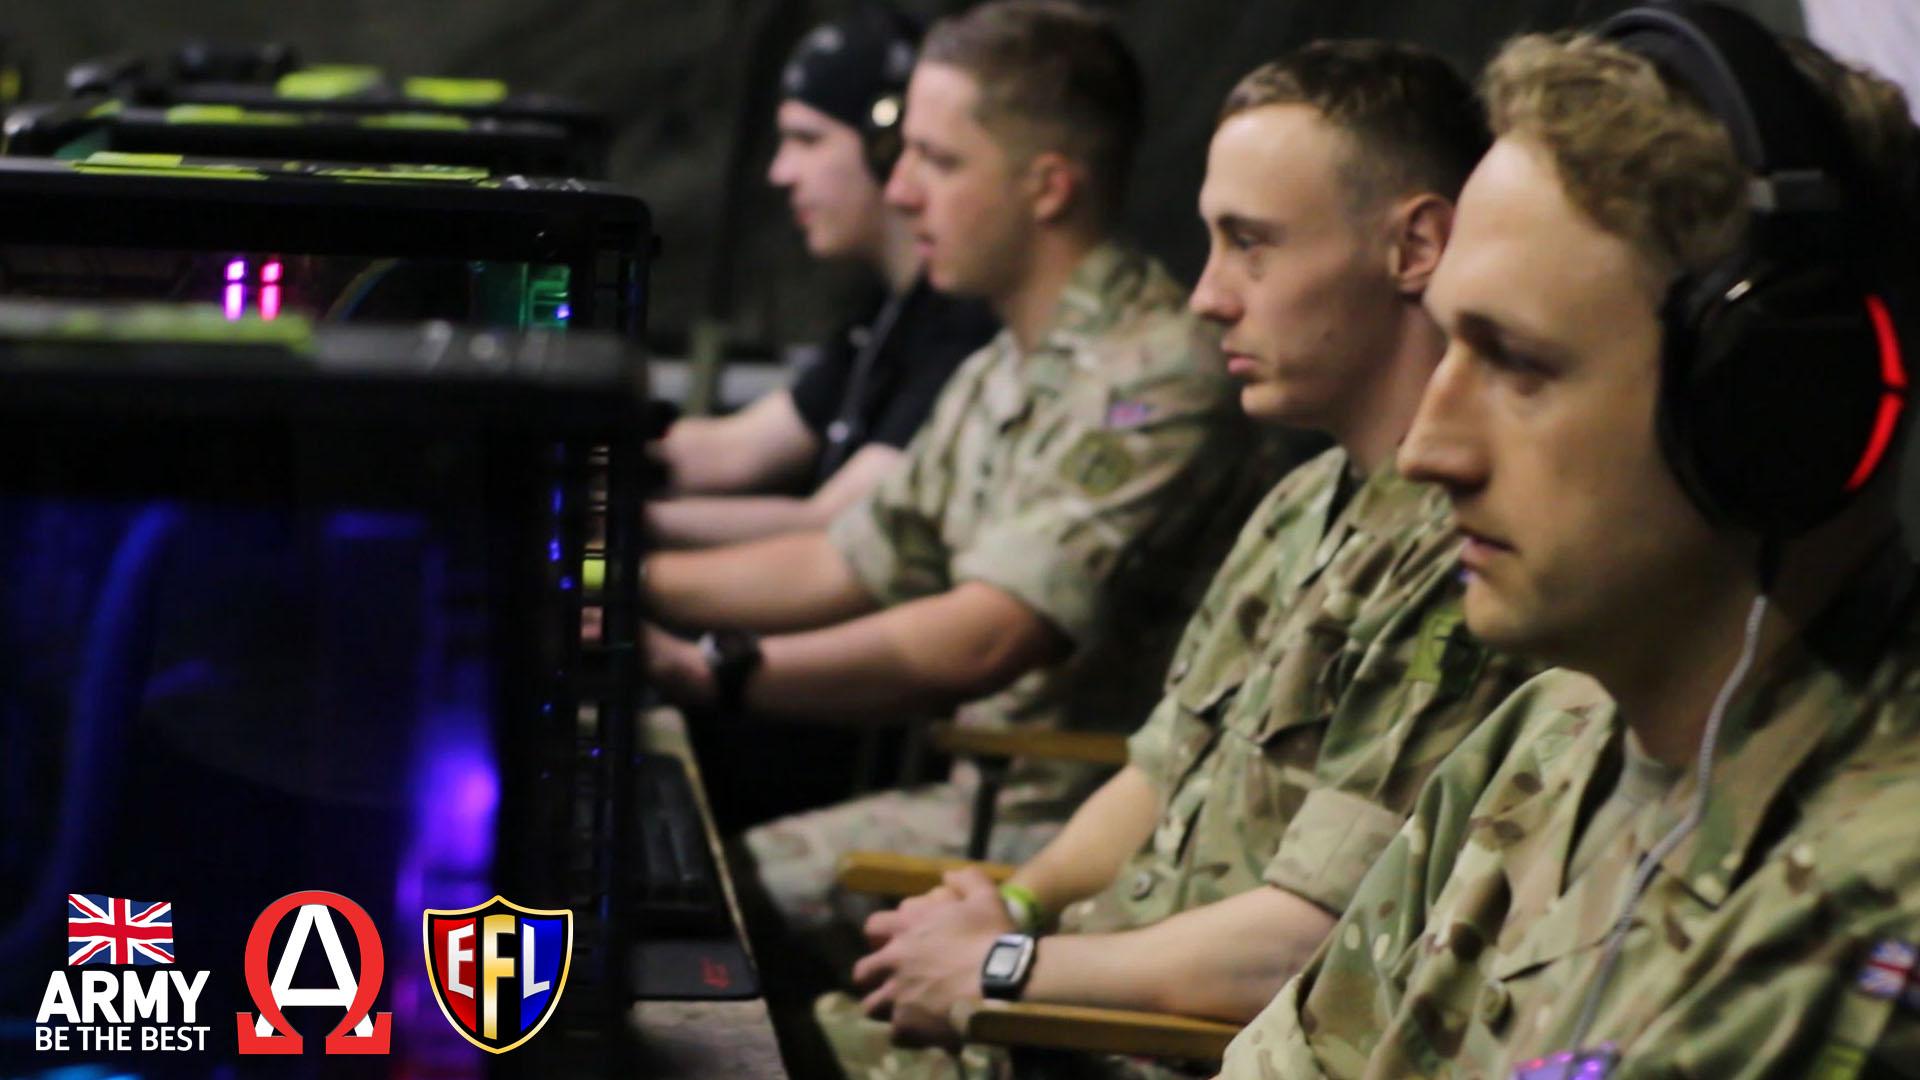 Army esports